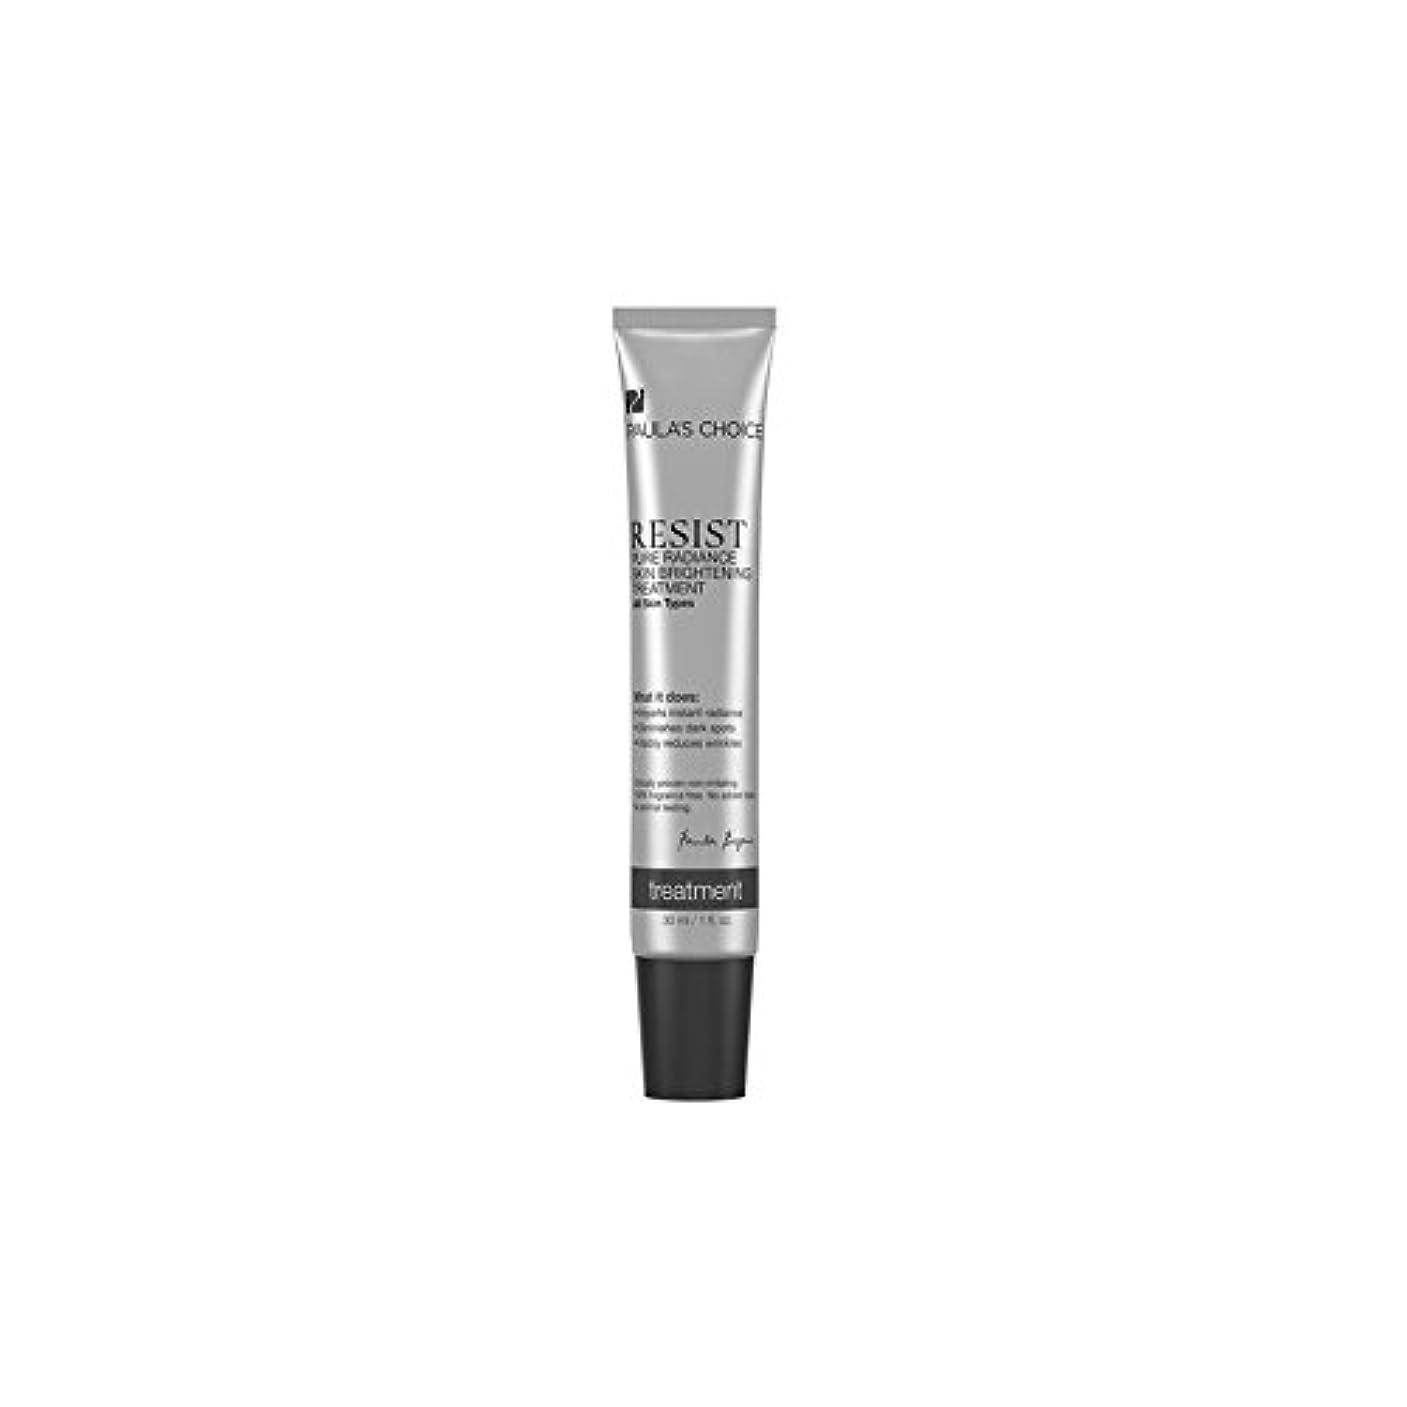 起きろ魔術師シンプトンPaula's Choice Resist Pure Radiance Skin Brightening Treatment (30ml) (Pack of 6) - ポーラチョイスは純粋な輝き肌ブライトニングトリートメント...